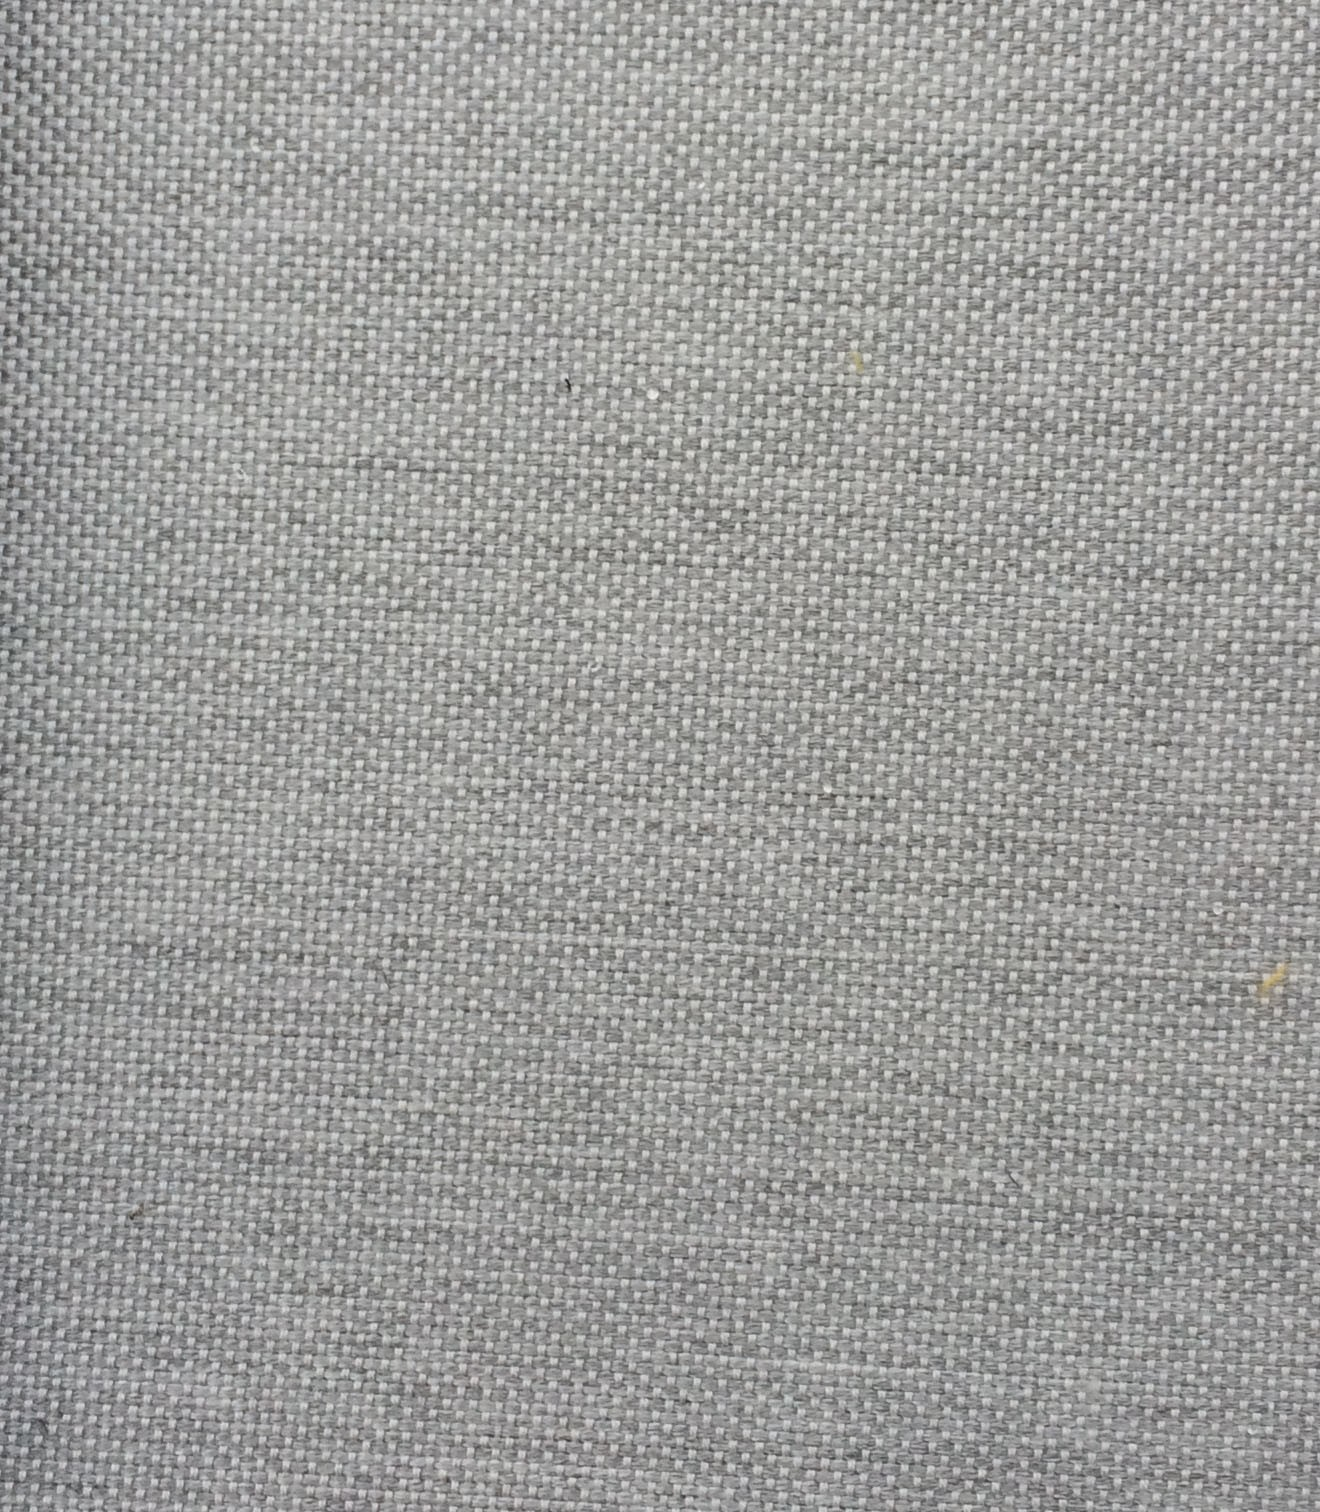 gray chine